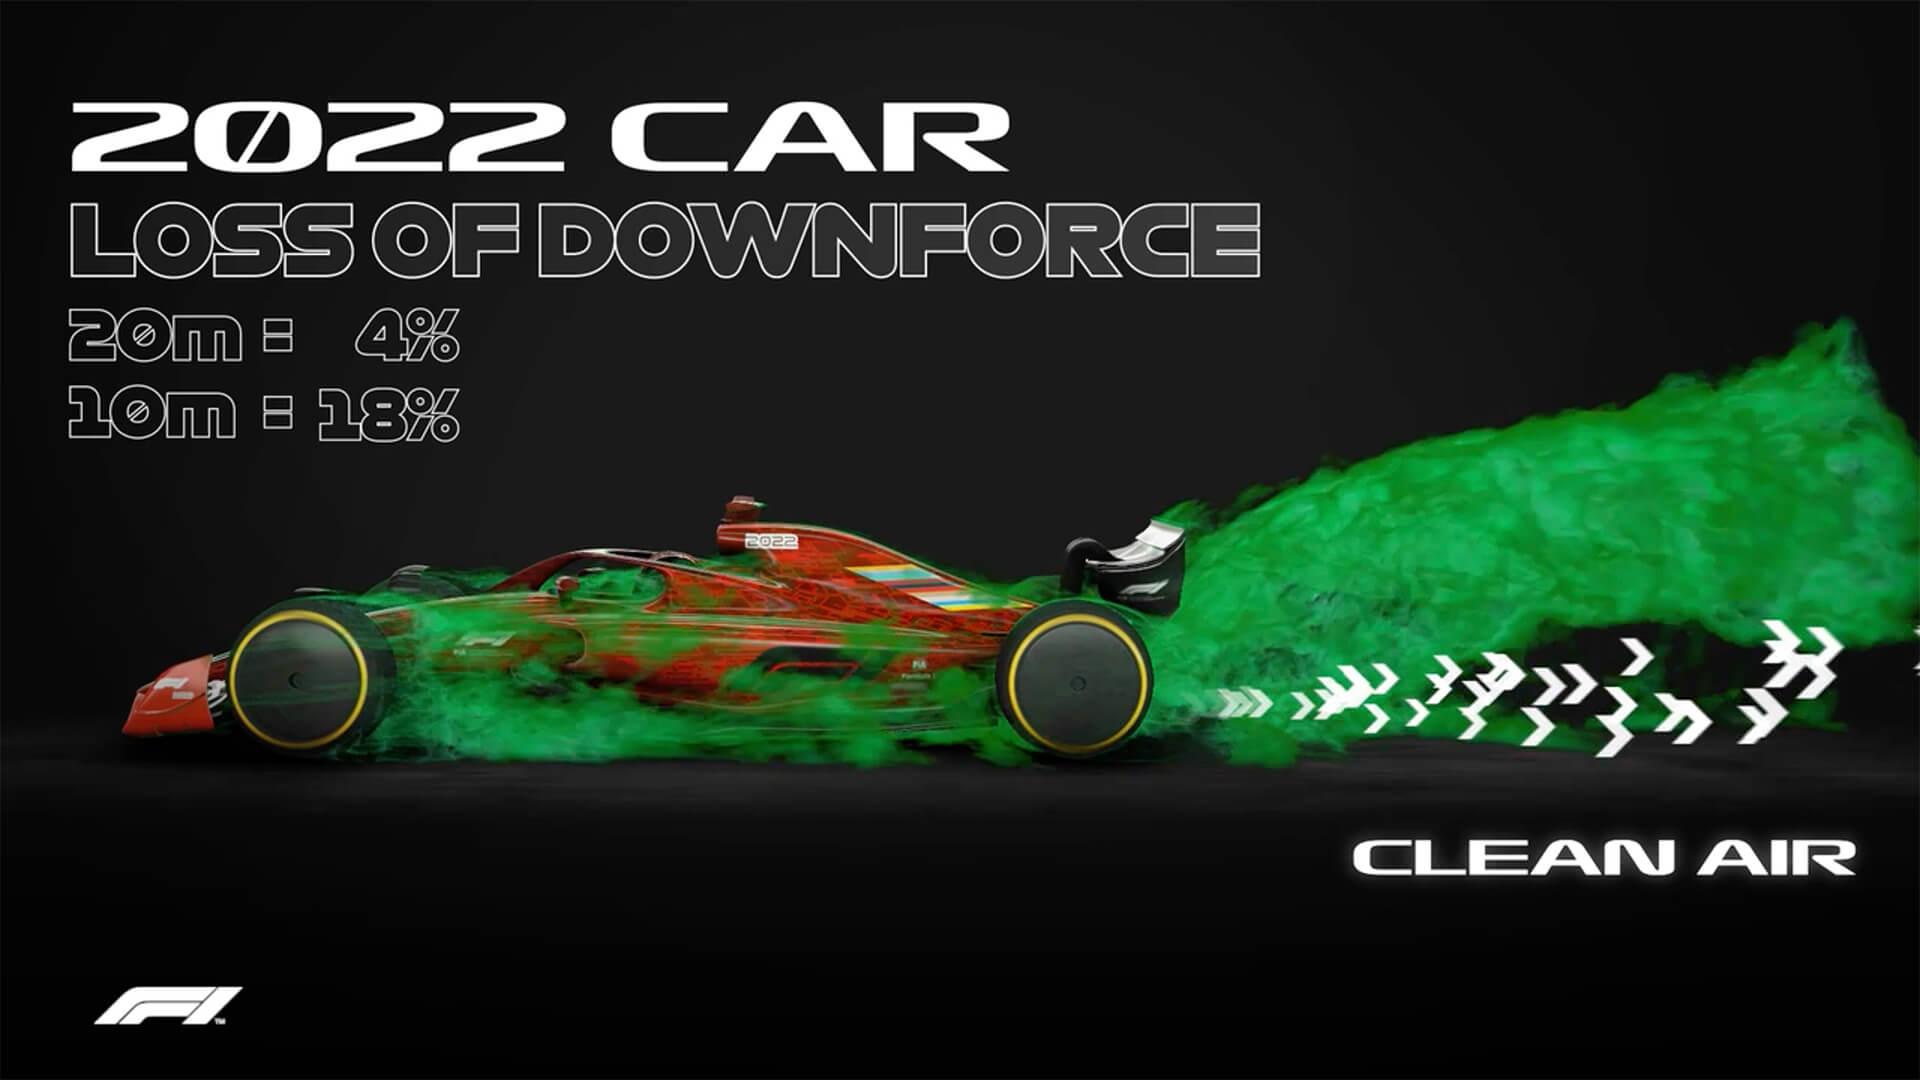 """""""Ar sujo"""" Fórmula 1 de 2022"""